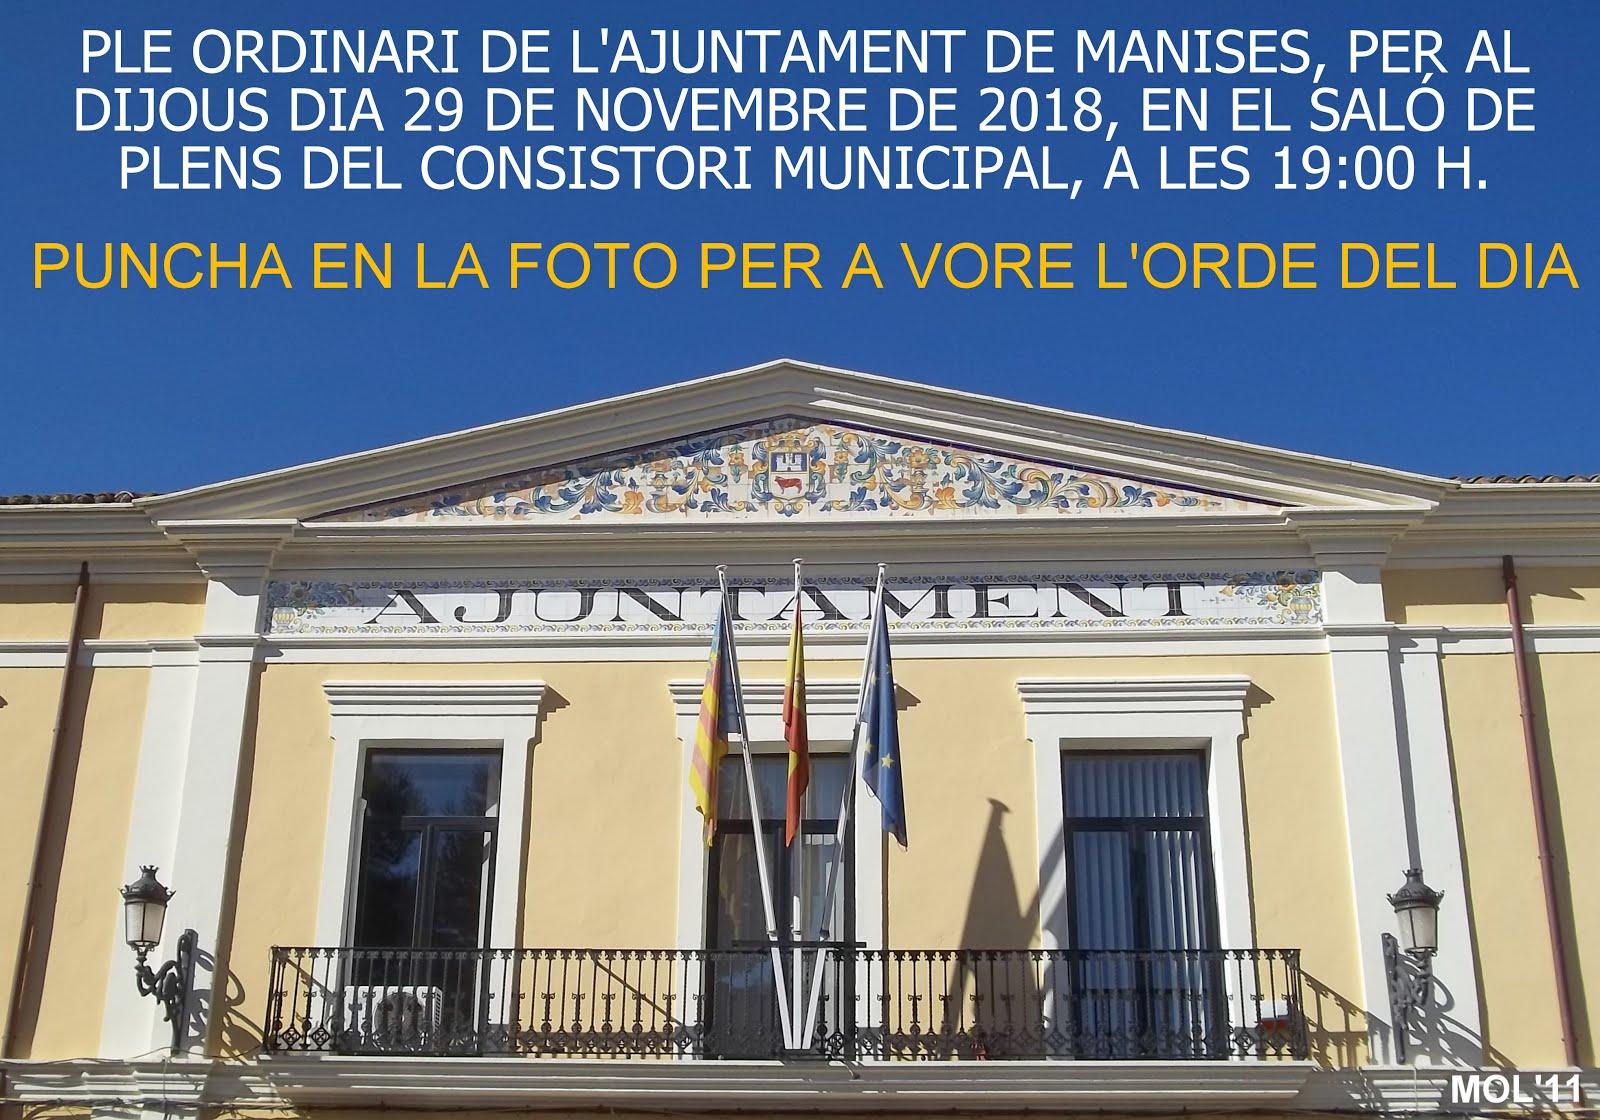 29.11.18 PLENO ORDINARIO DEL AYTO. DE MANISES DEL MES DE NOVEMBRE